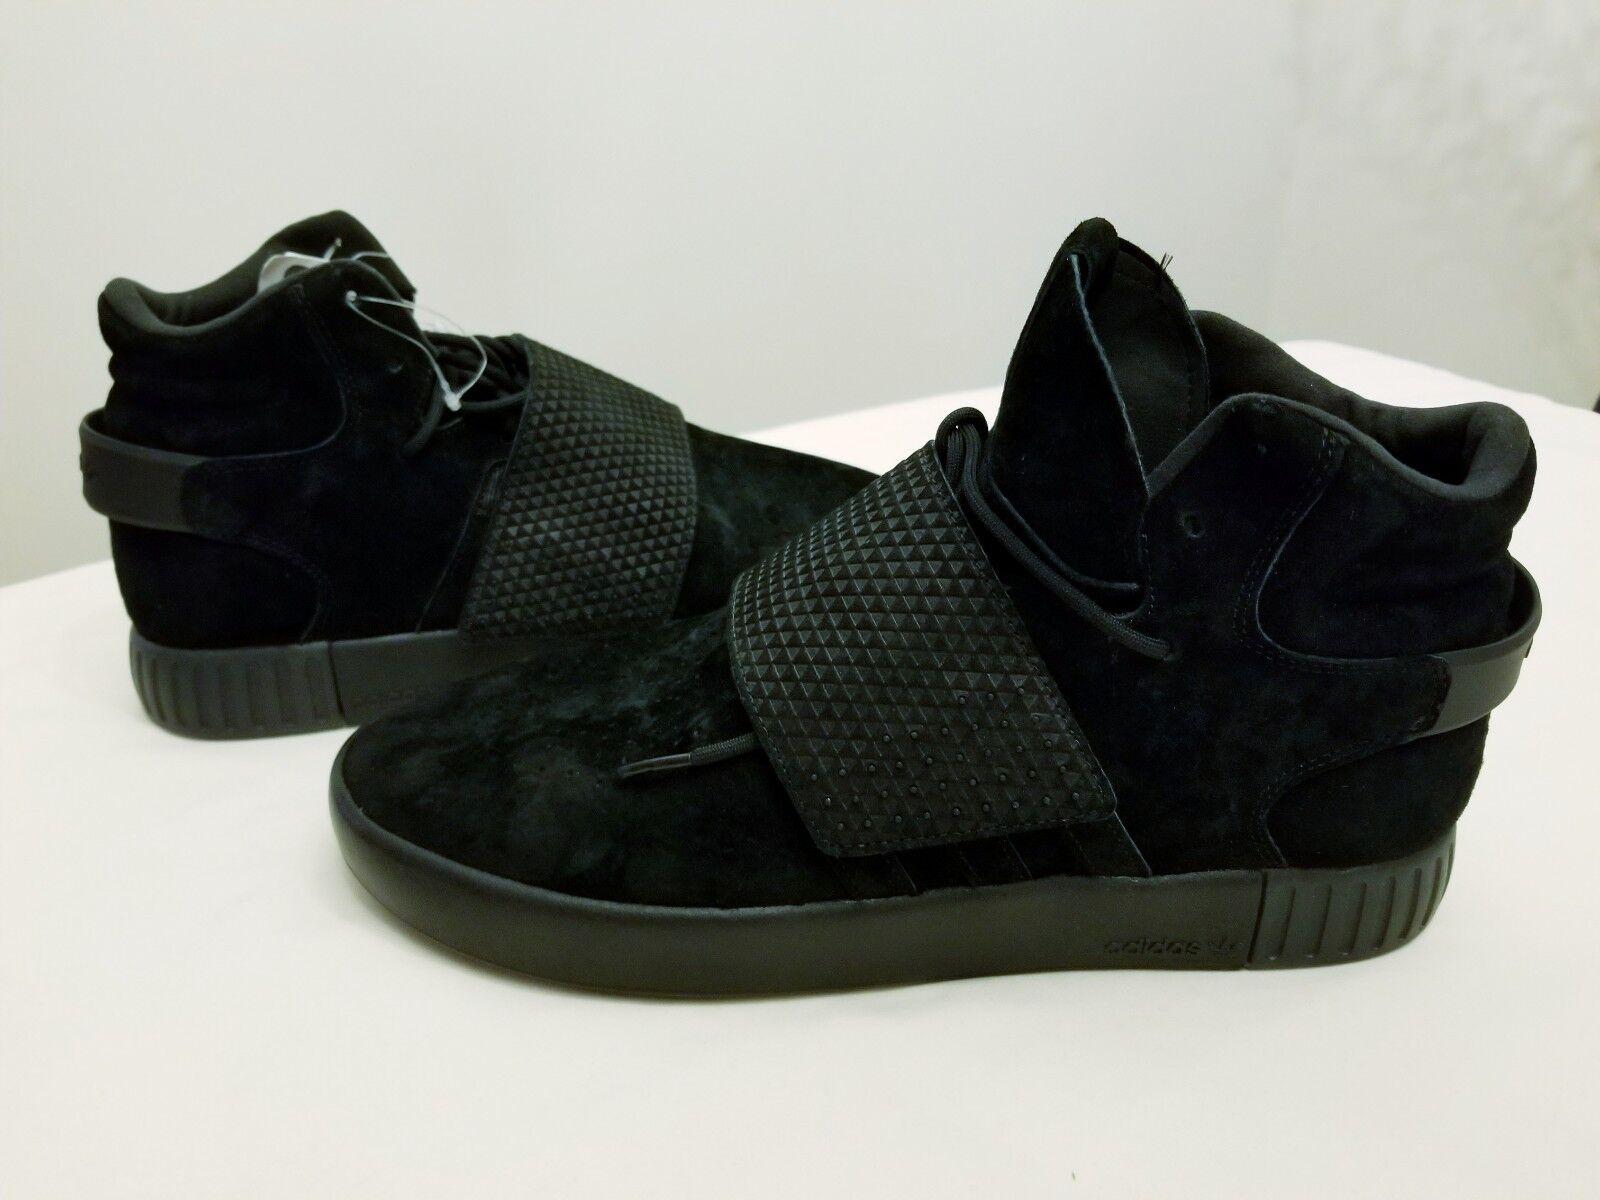 Adidas originali tre uomini neri e scarpe - da ginnastica invasore tubulare - scarpe bb1169 sz 11 406fbd